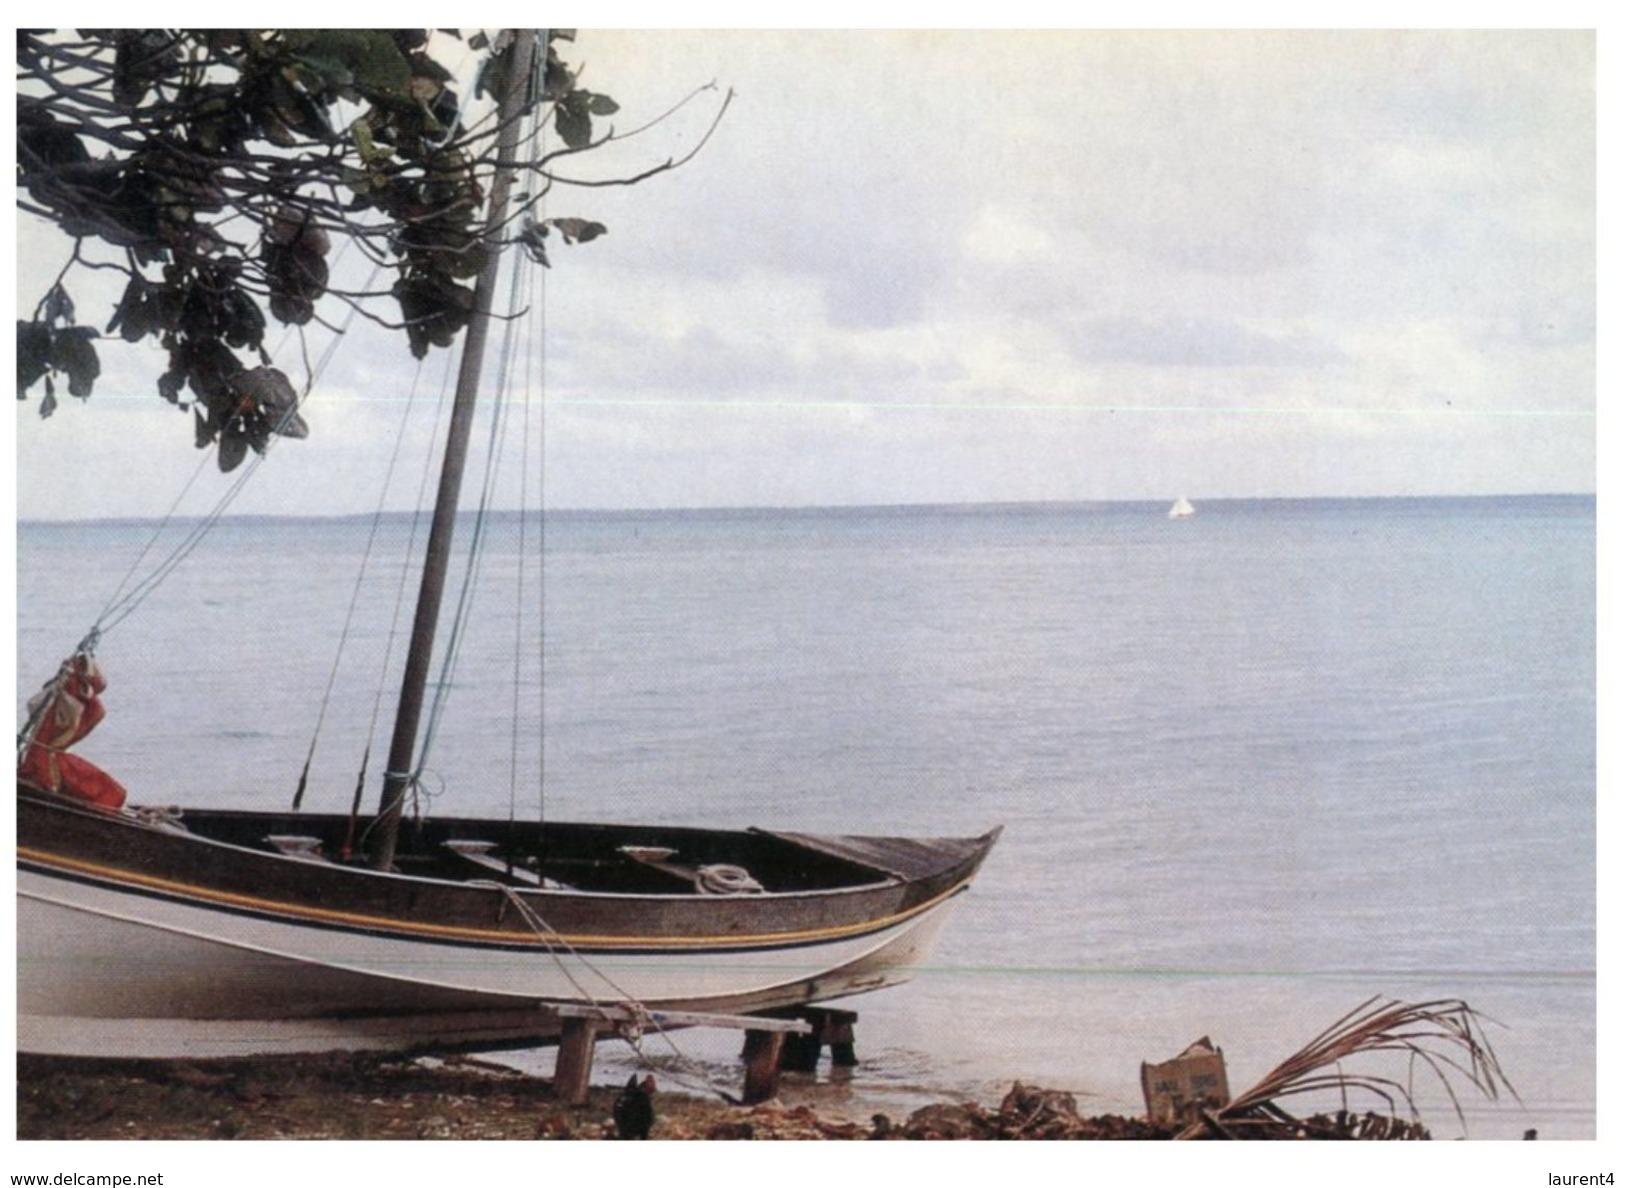 (PF 200) Cocos Islands (Australia) - Cocos (Keeling) Islands